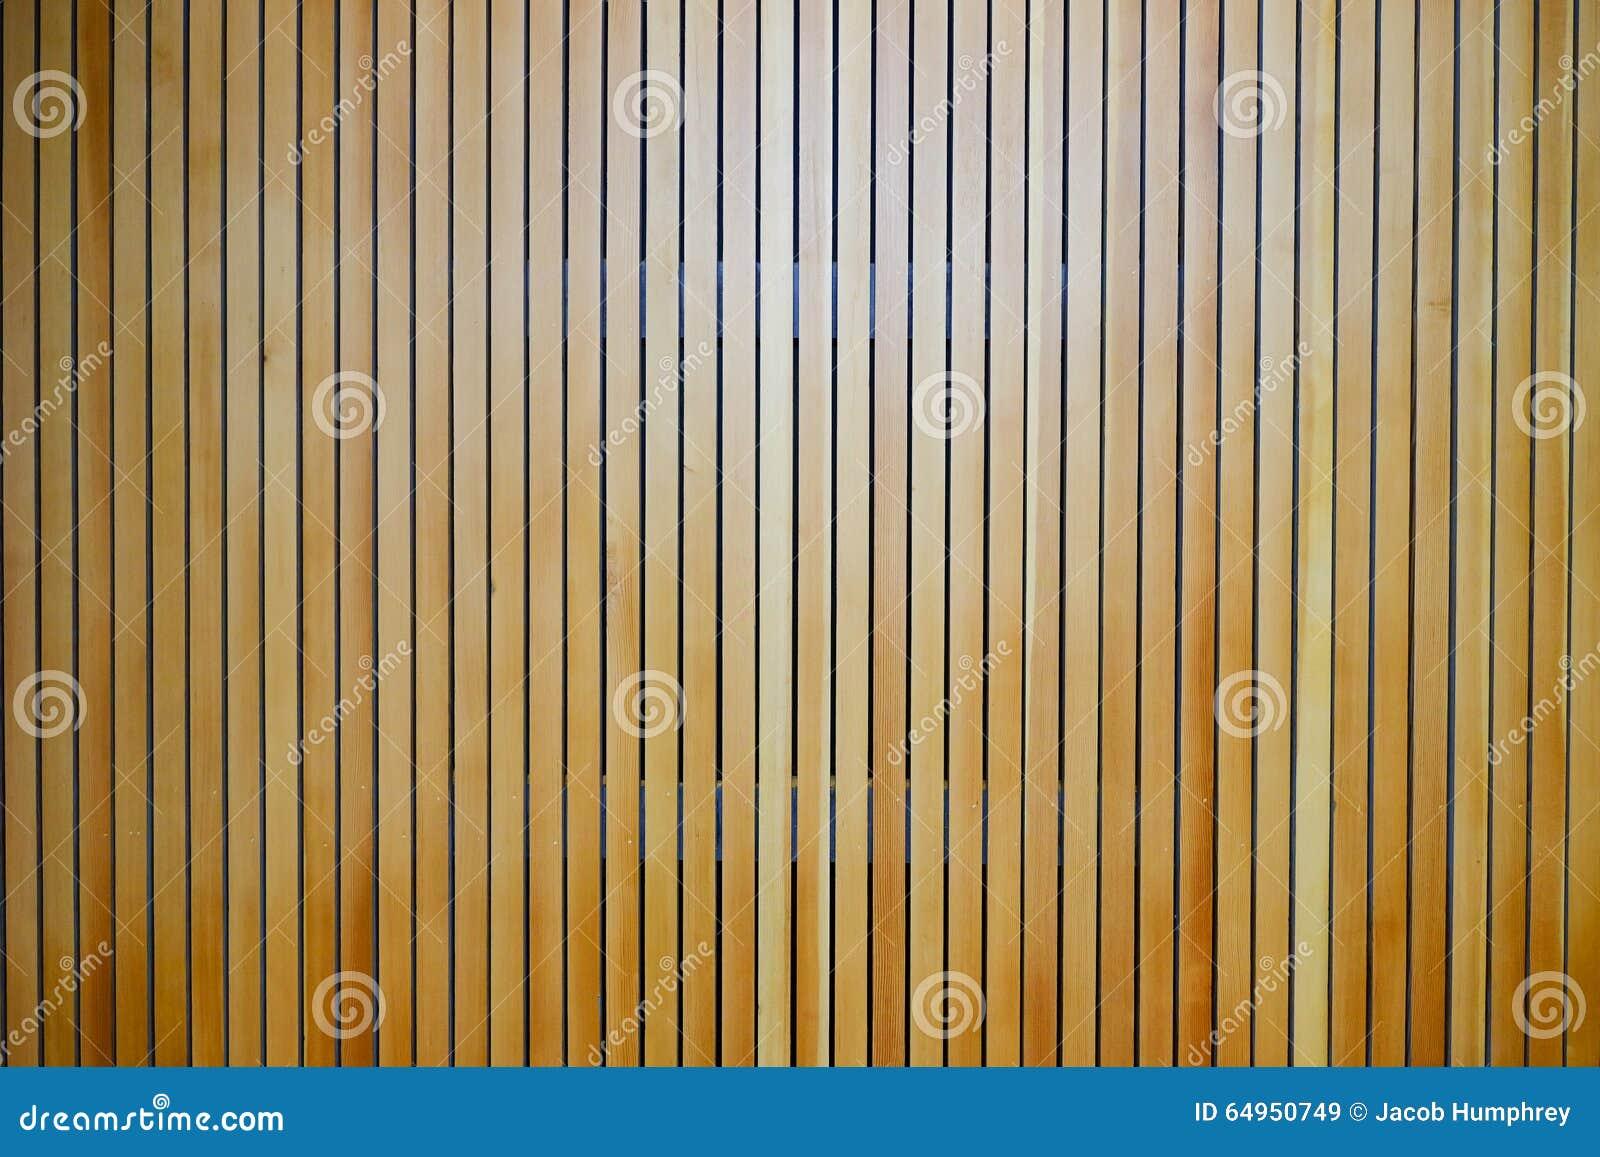 100 Génial Idées Mur En Lamelle De Bois